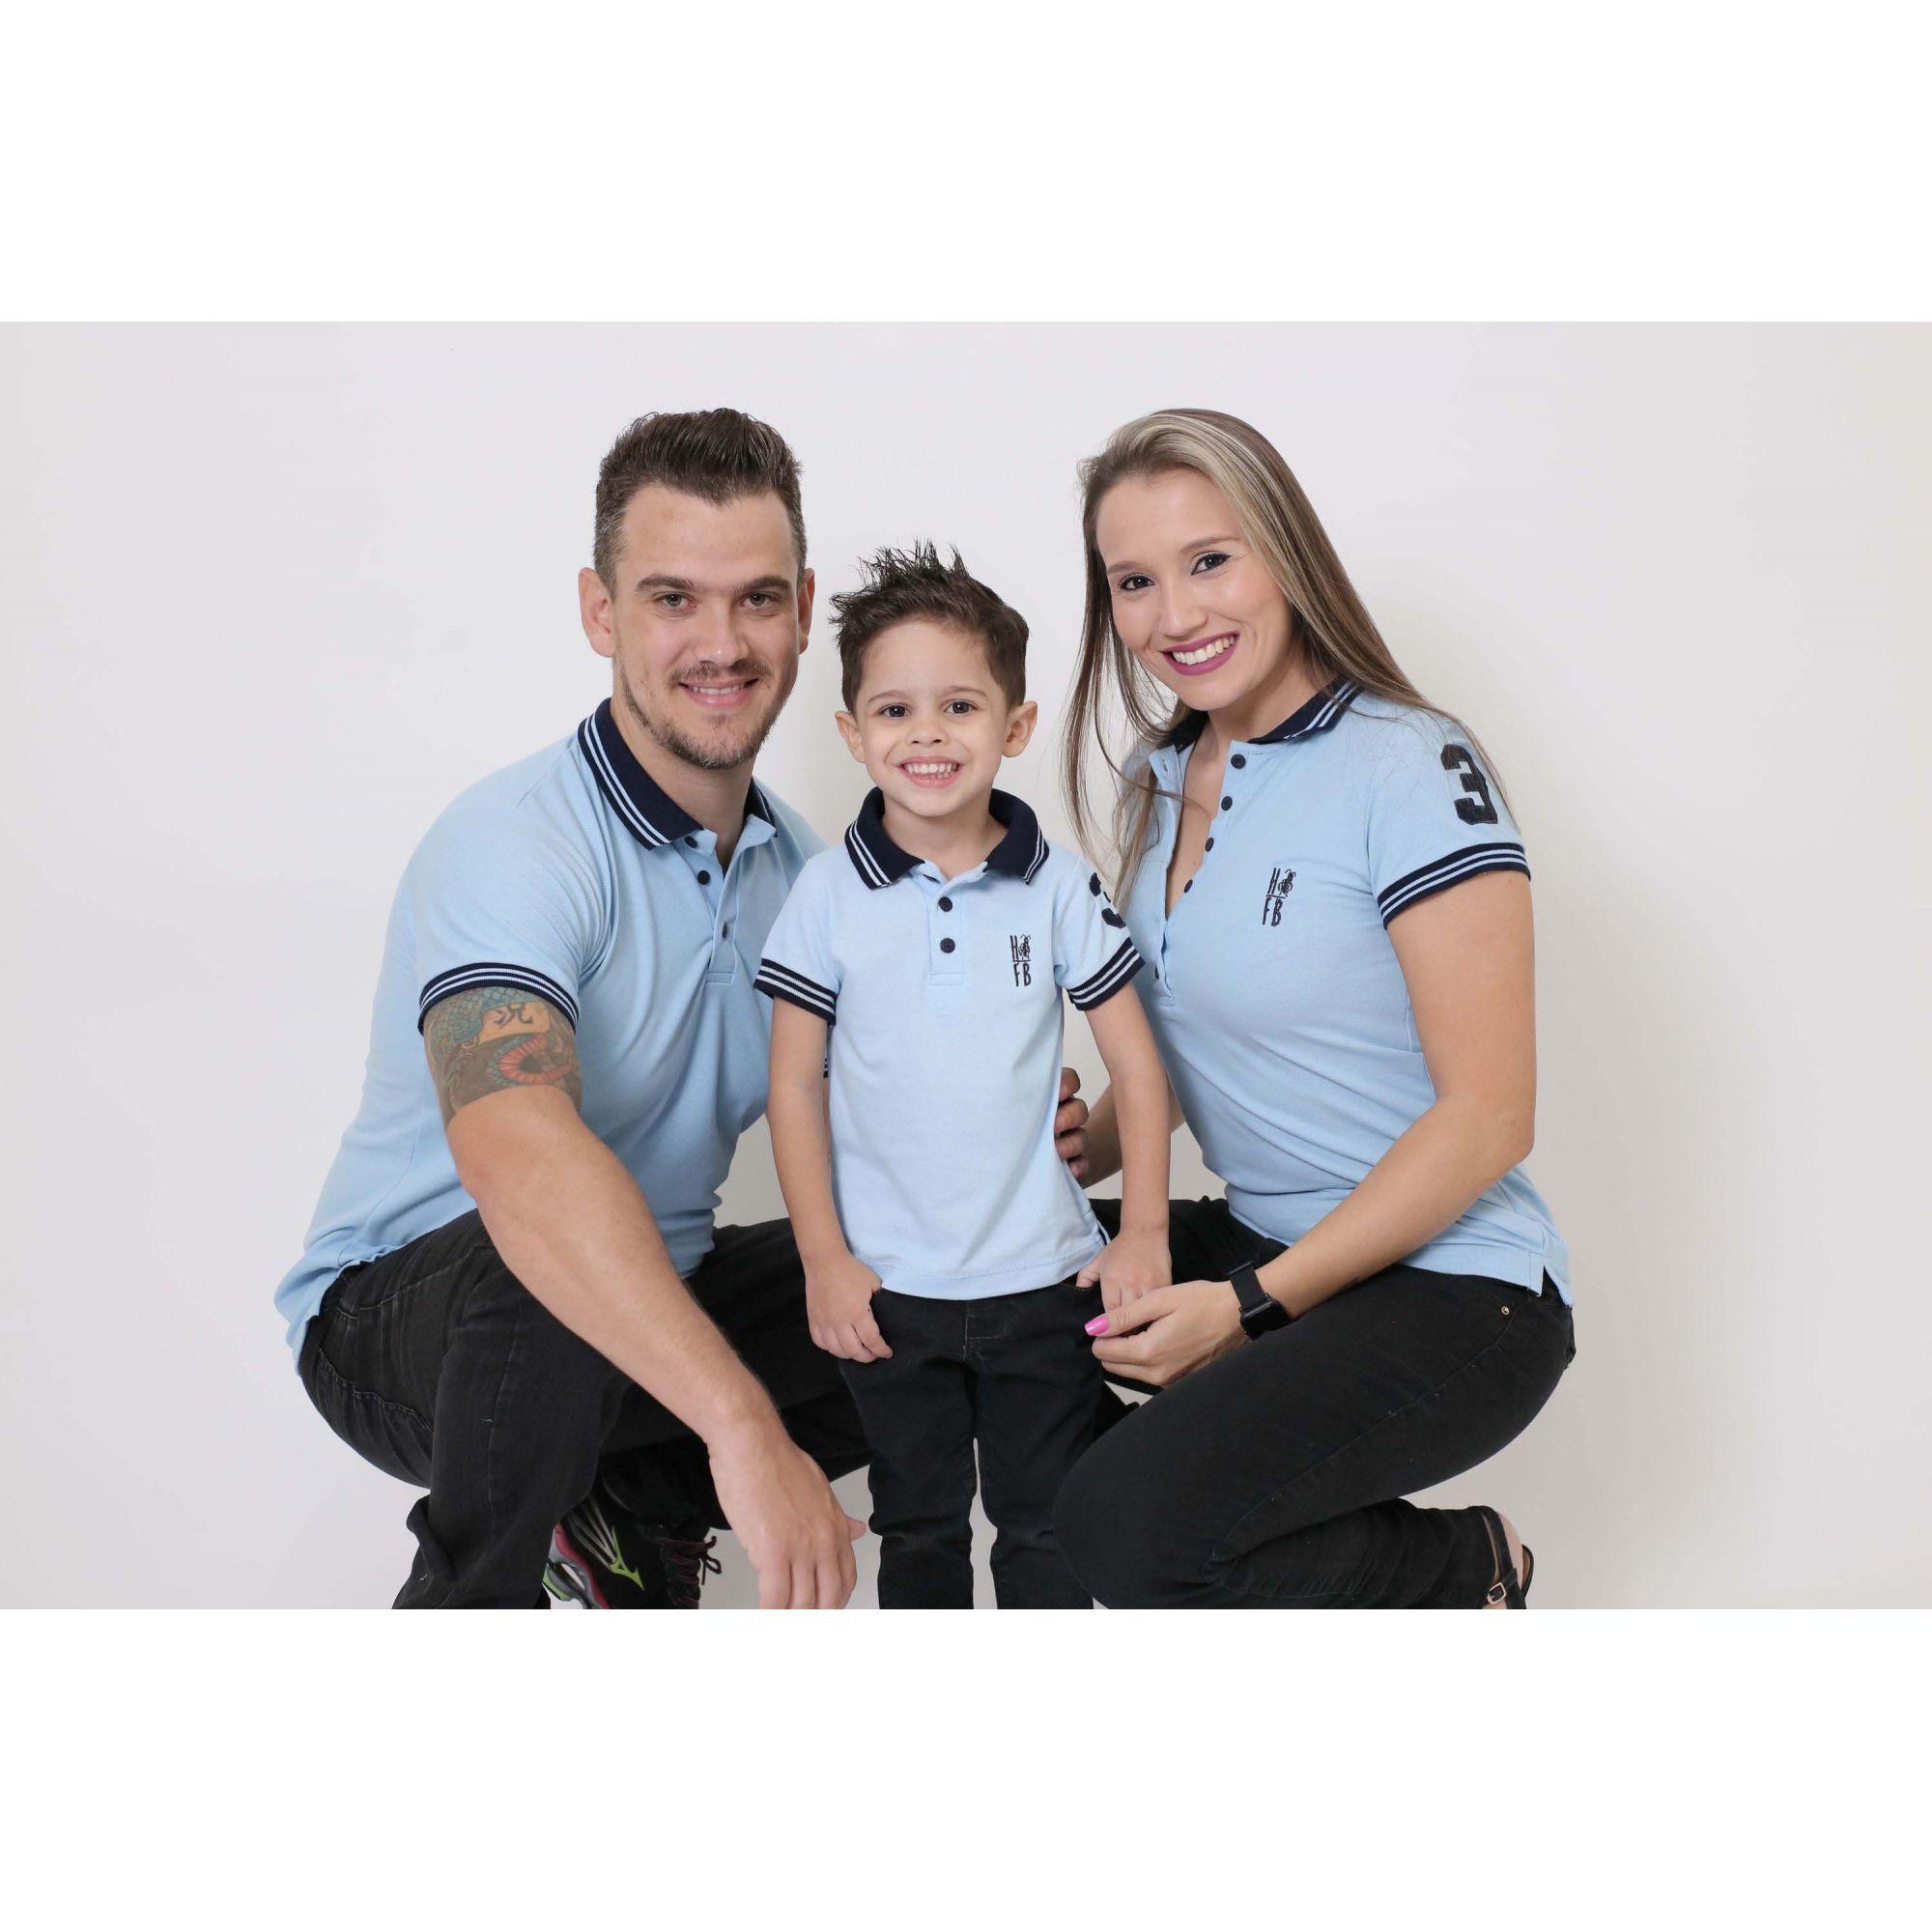 PAIS E FILHOS > Kit 3 peças Camisas ou Body Polo Azul Nobreza [Coleção Família]  - Heitor Fashion Brazil